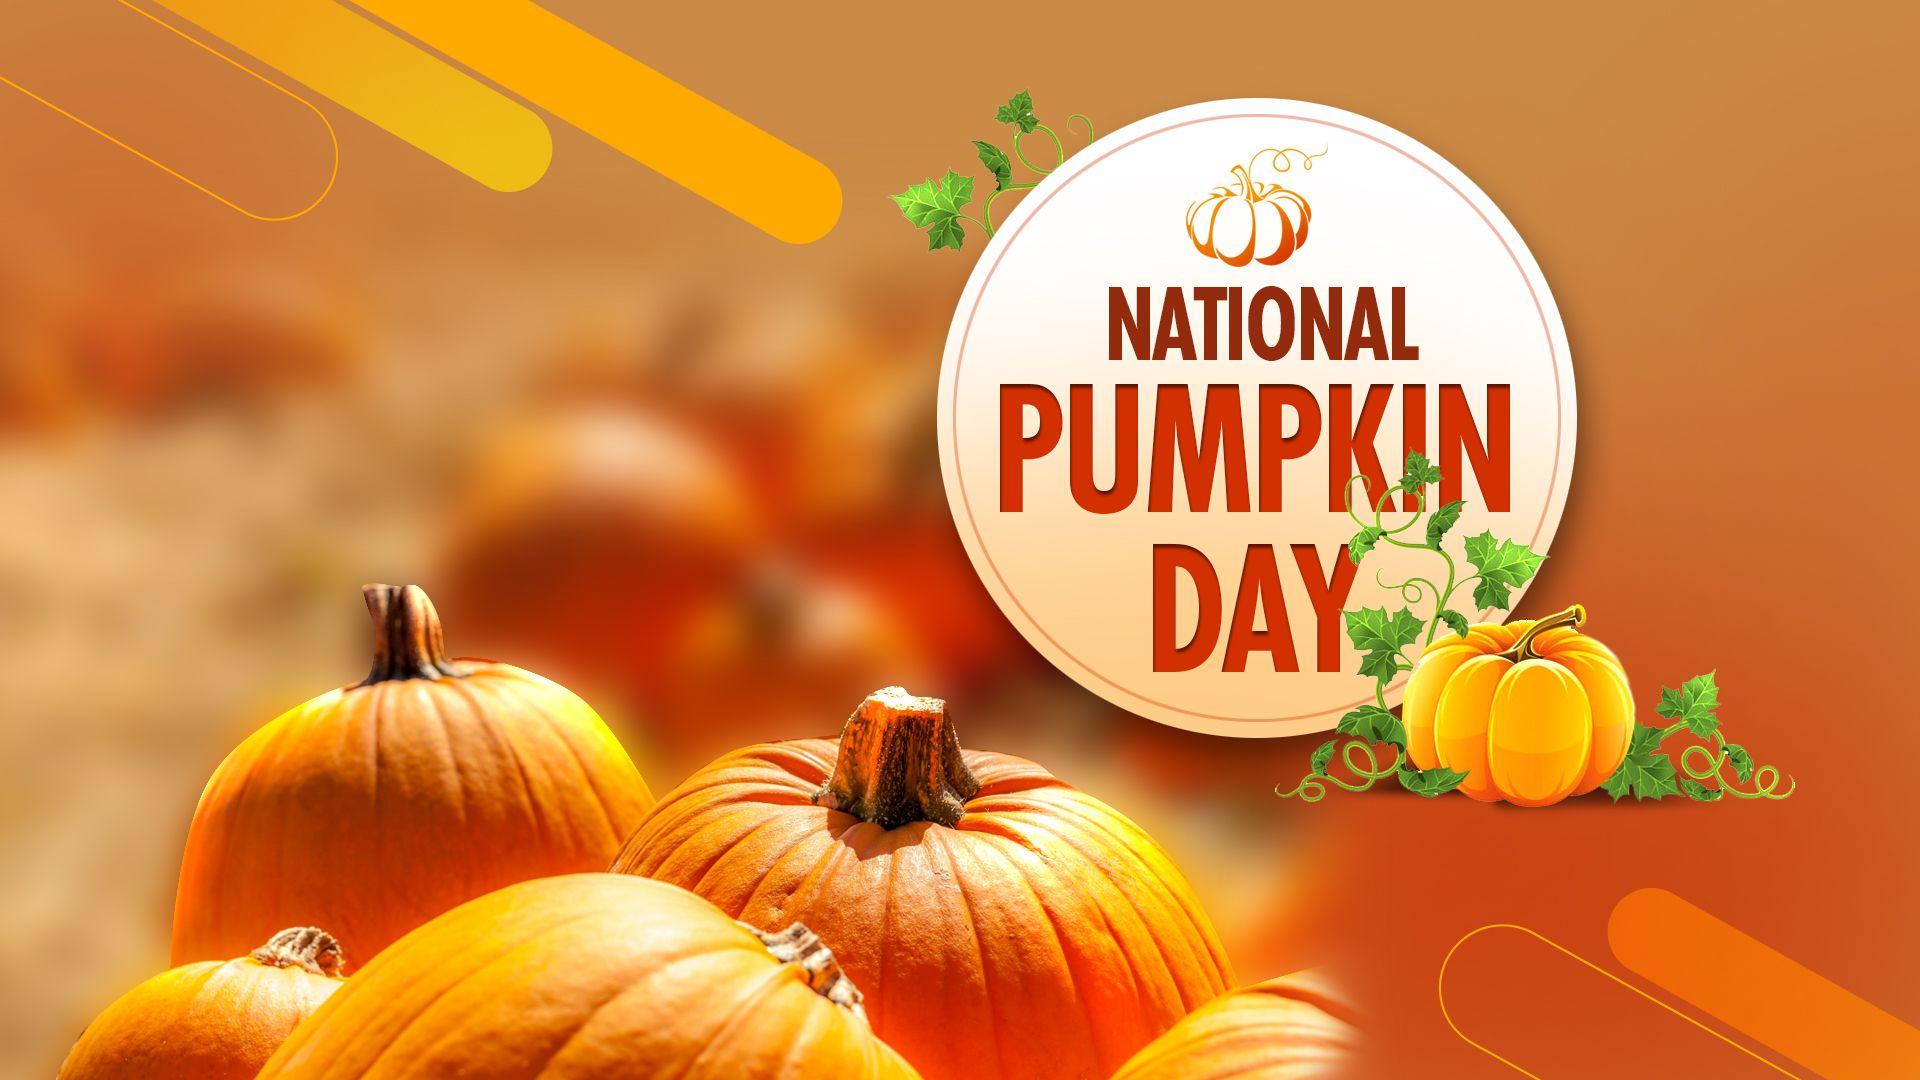 Go Carve A Pumpkin Eat Pumpkin Drink A Pumpkin Spice Latte Because It Is National Pumpkin Day Happy Pumpkin Day Pumpkin Happy Pumpkin Pumpkin Spice Latte